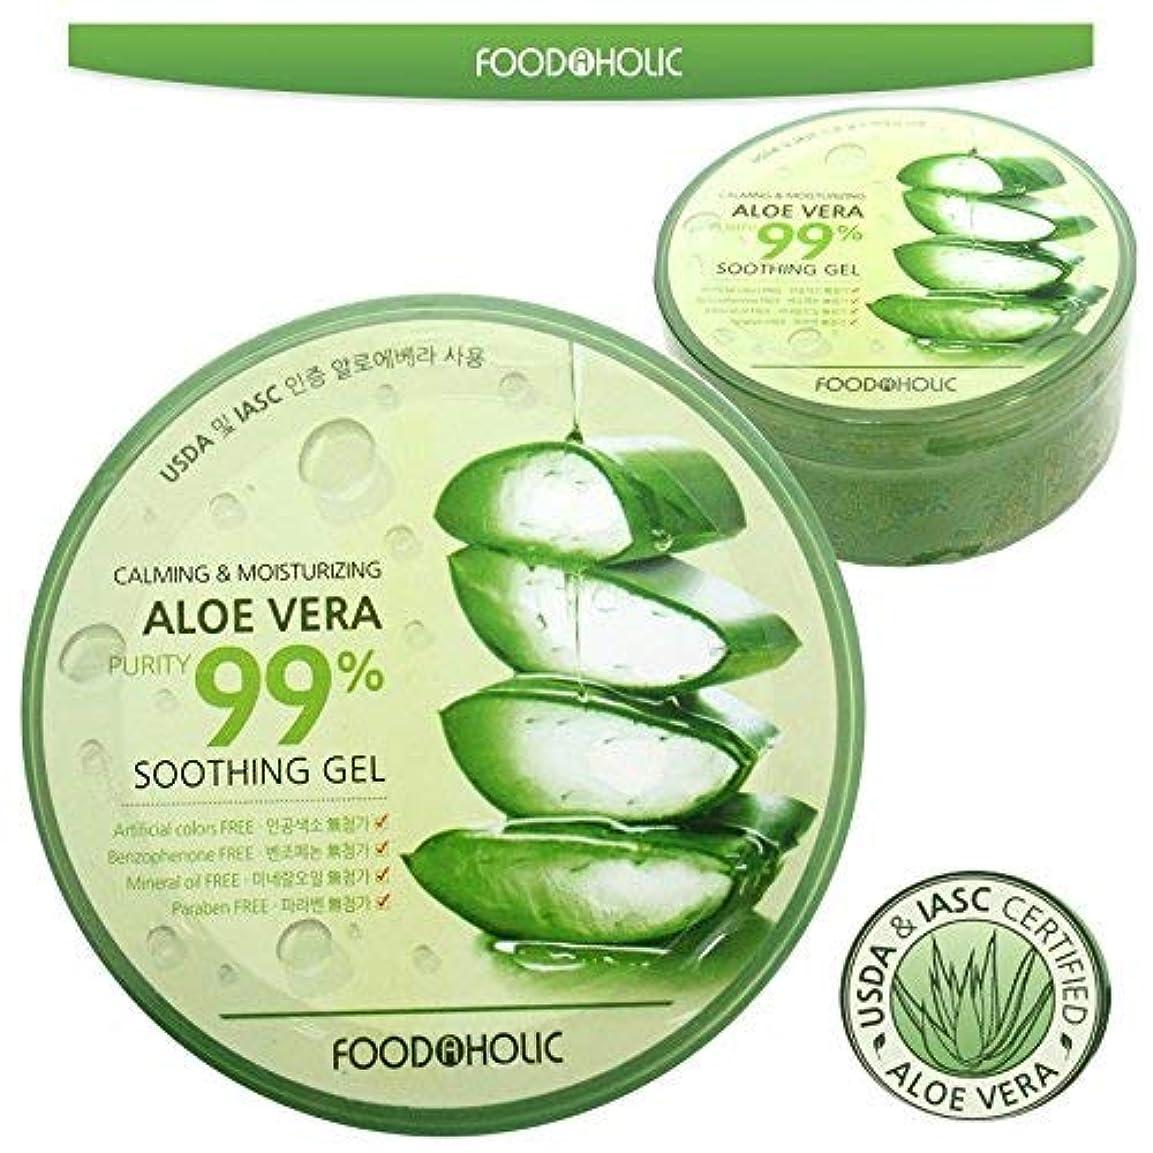 センチメンタル平方耐えられる[FOOD A HOLIC] 穏やかな&保湿アロエベラ純度は99%スージングジェル(300ml * 1EA) / Calming & Moisturizing Aloe Vera Purity 99% Soothing...